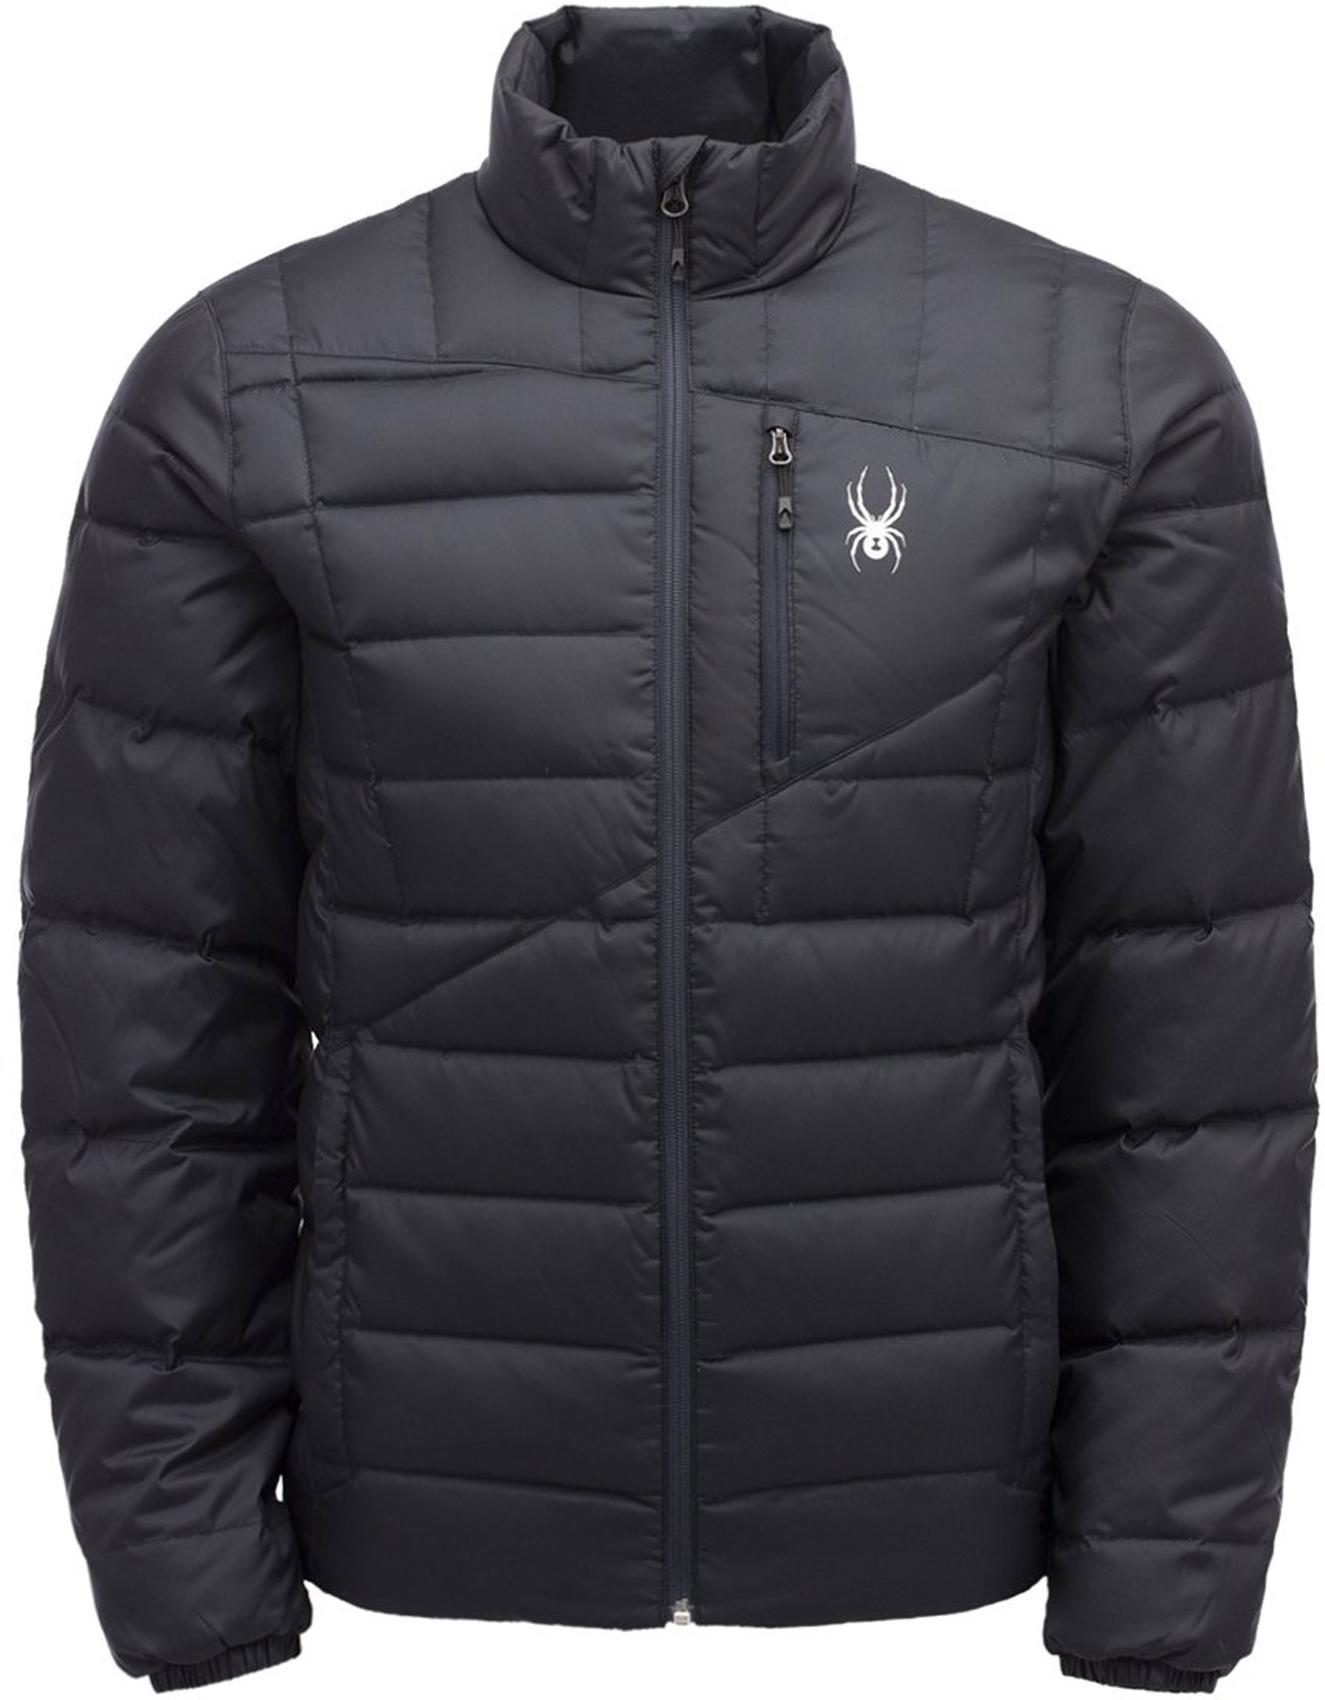 volume large buying now custom Spyder Dolomite Ski Jacket 2019